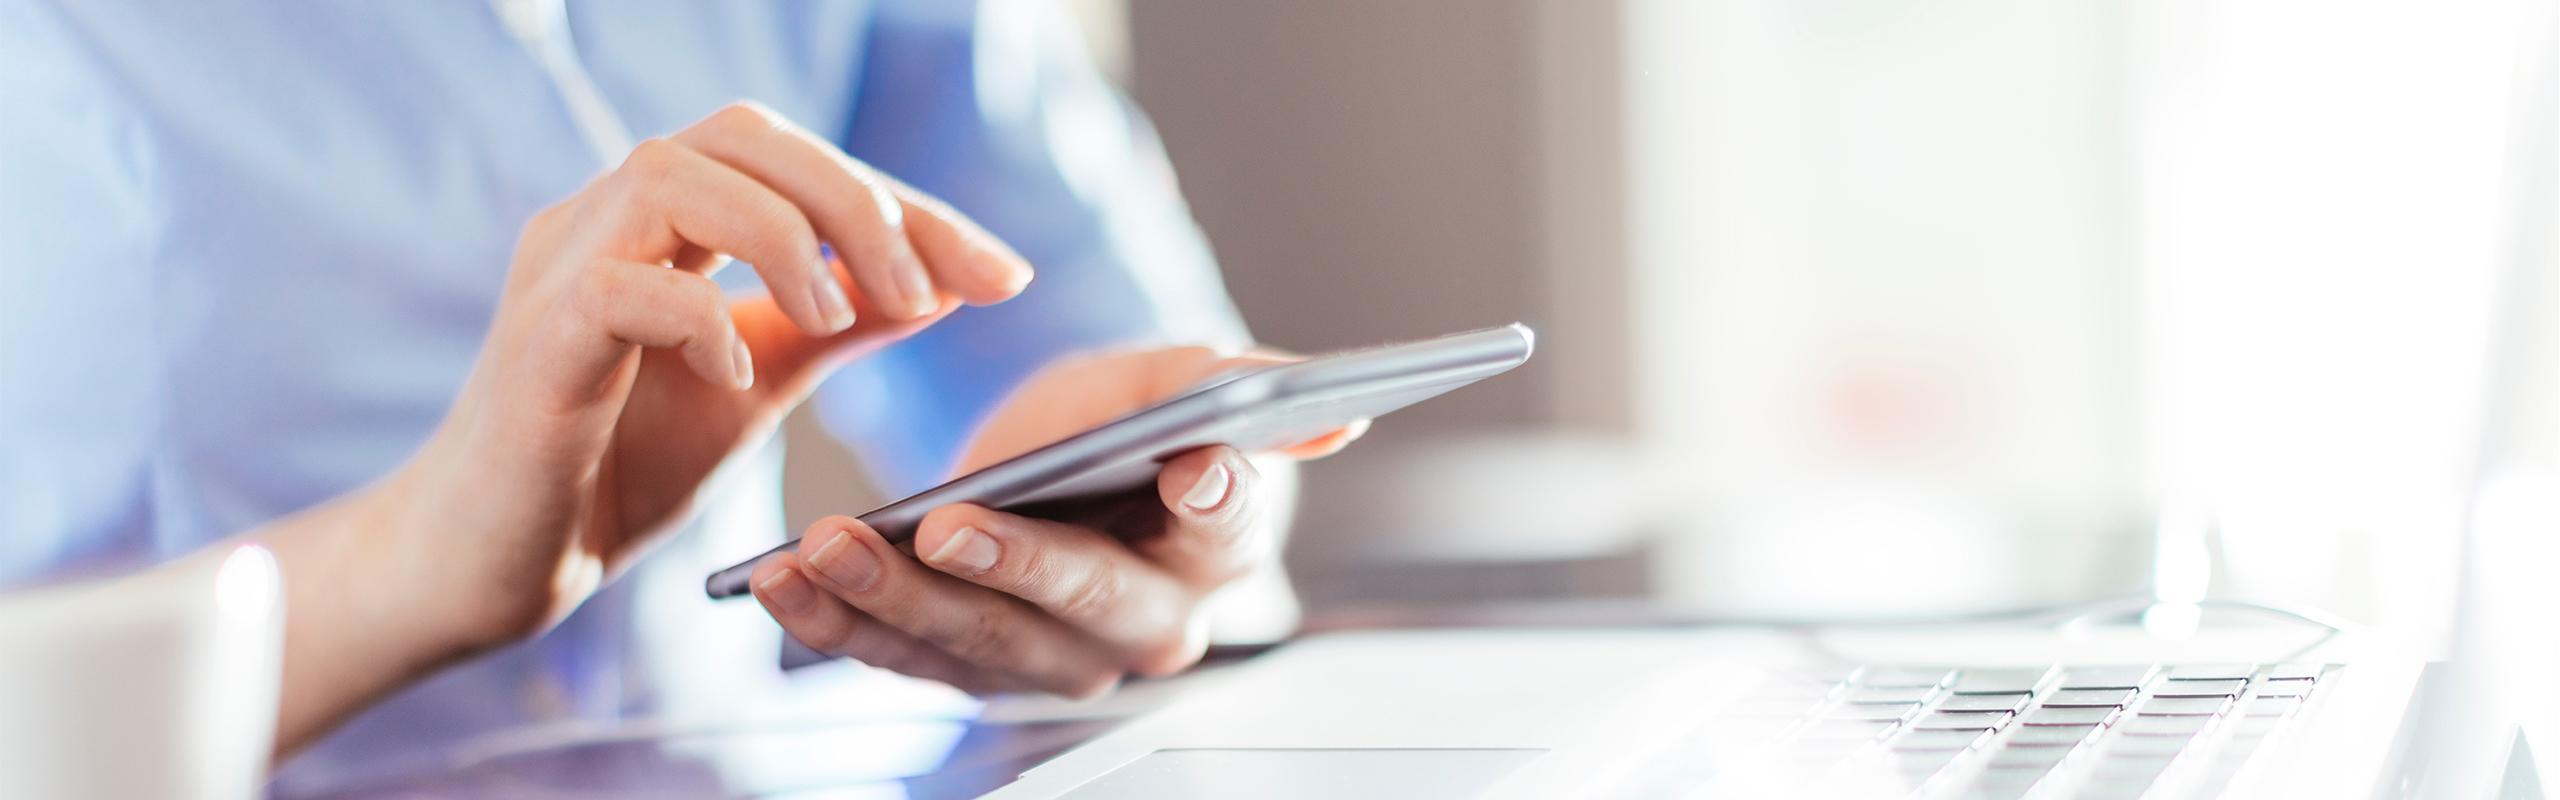 BRITA Karriere Hand mit Smartphone und Notebook